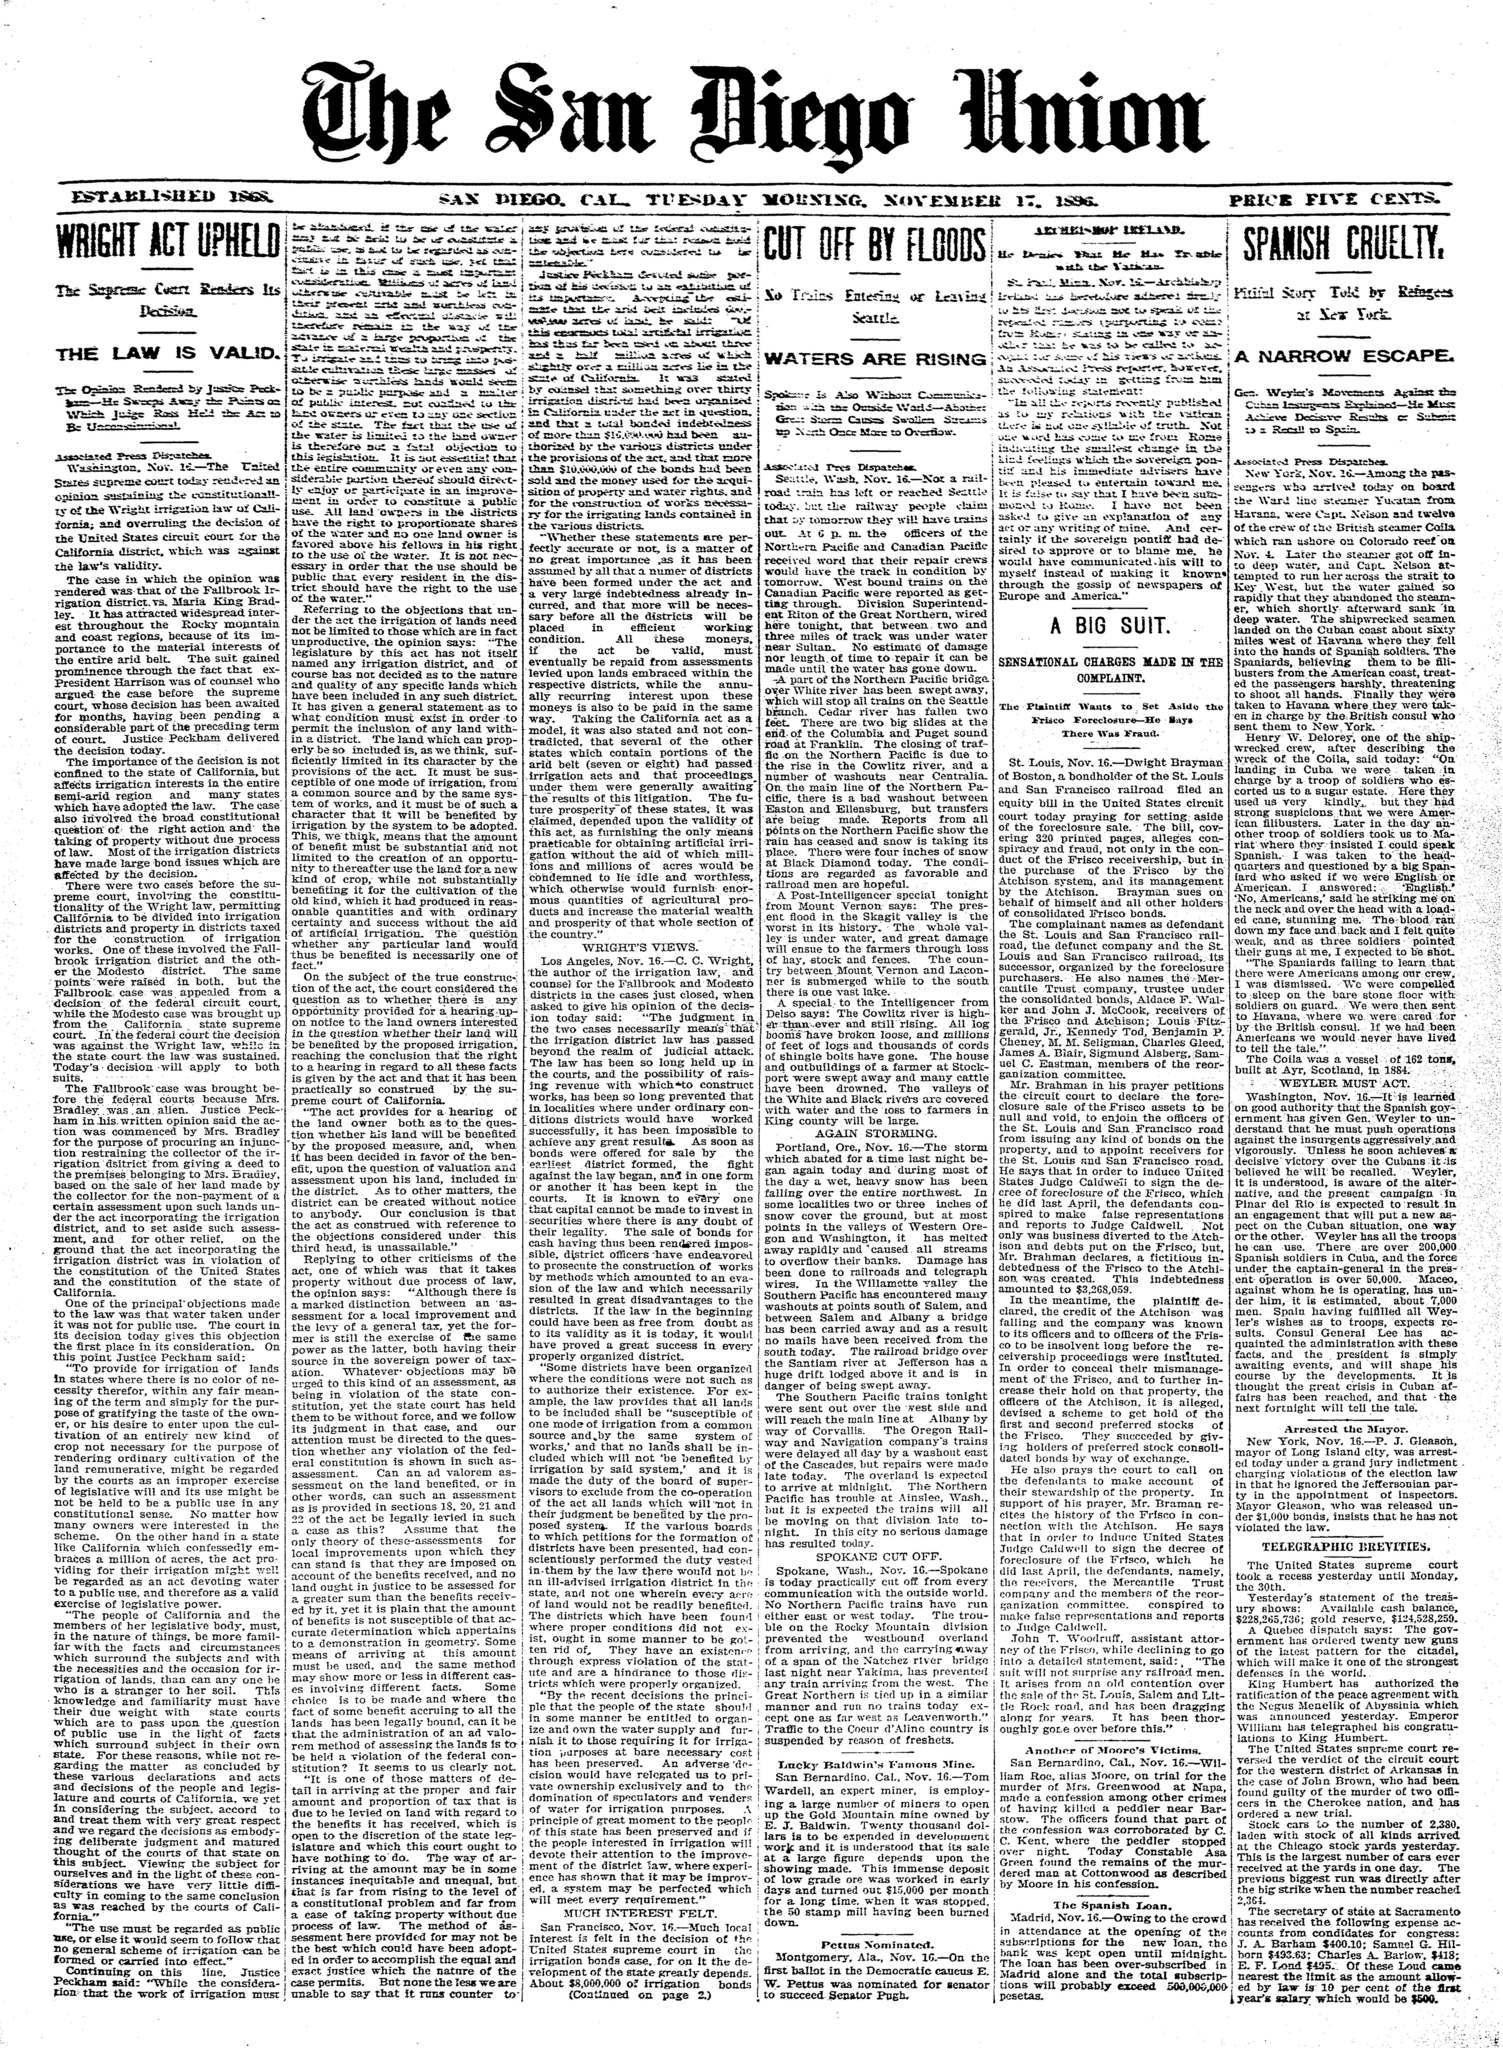 November 17, 1896